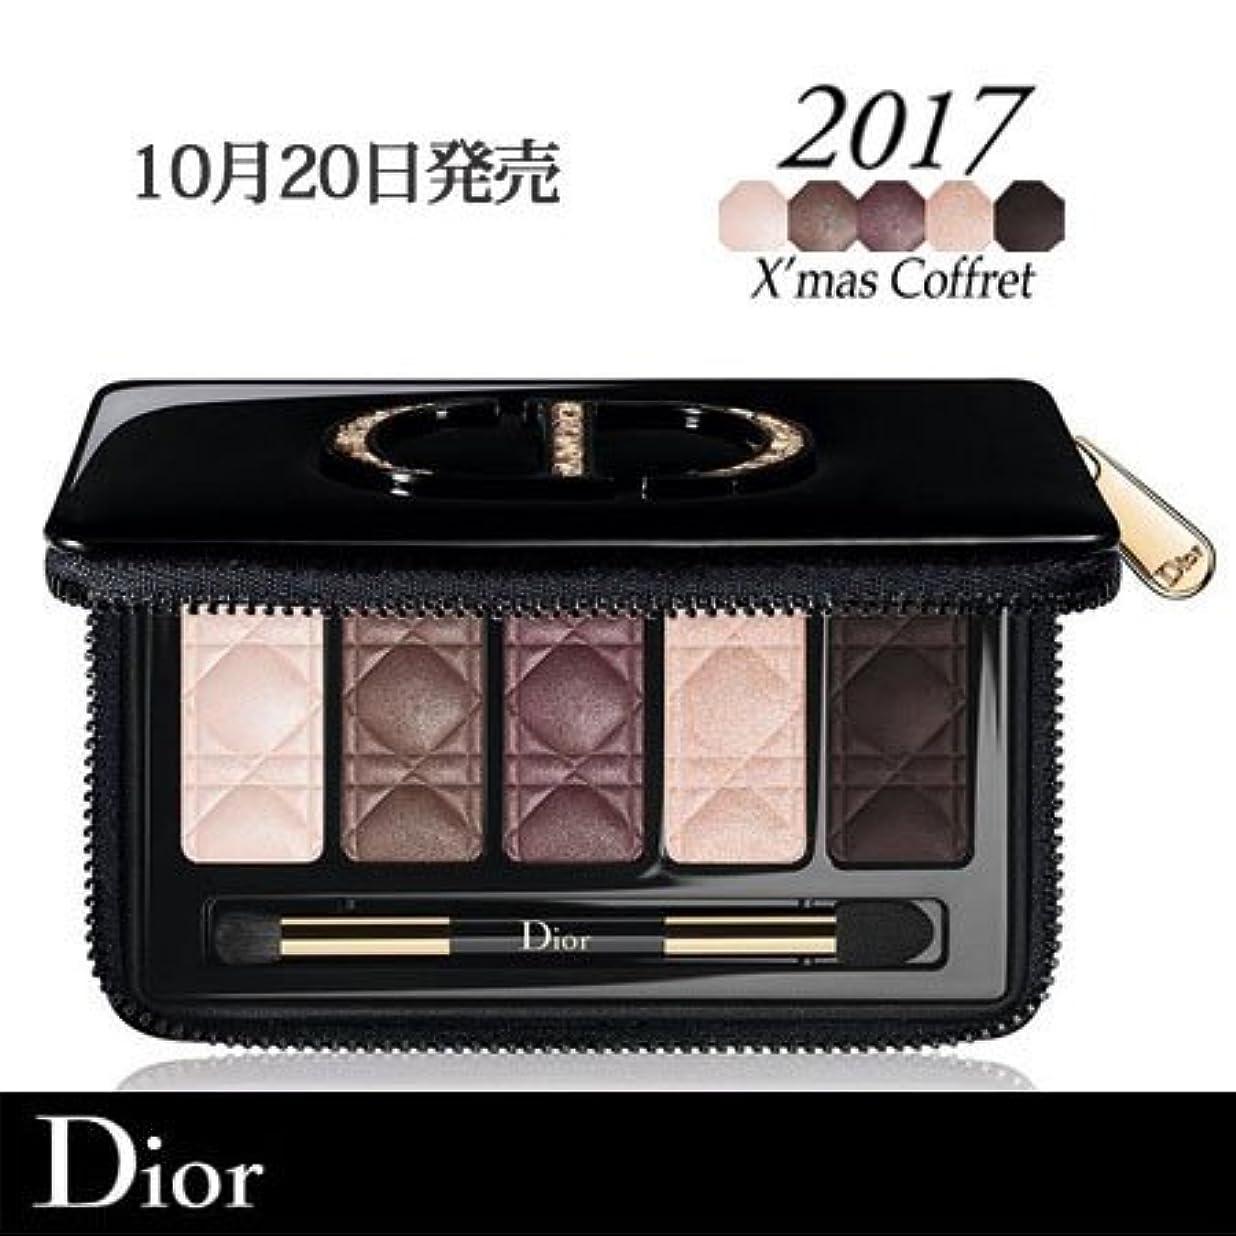 テクトニック少数消費クリスチャン ディオール カラー デザイン アイ パレット 2017 クリスマス コフレ Dior